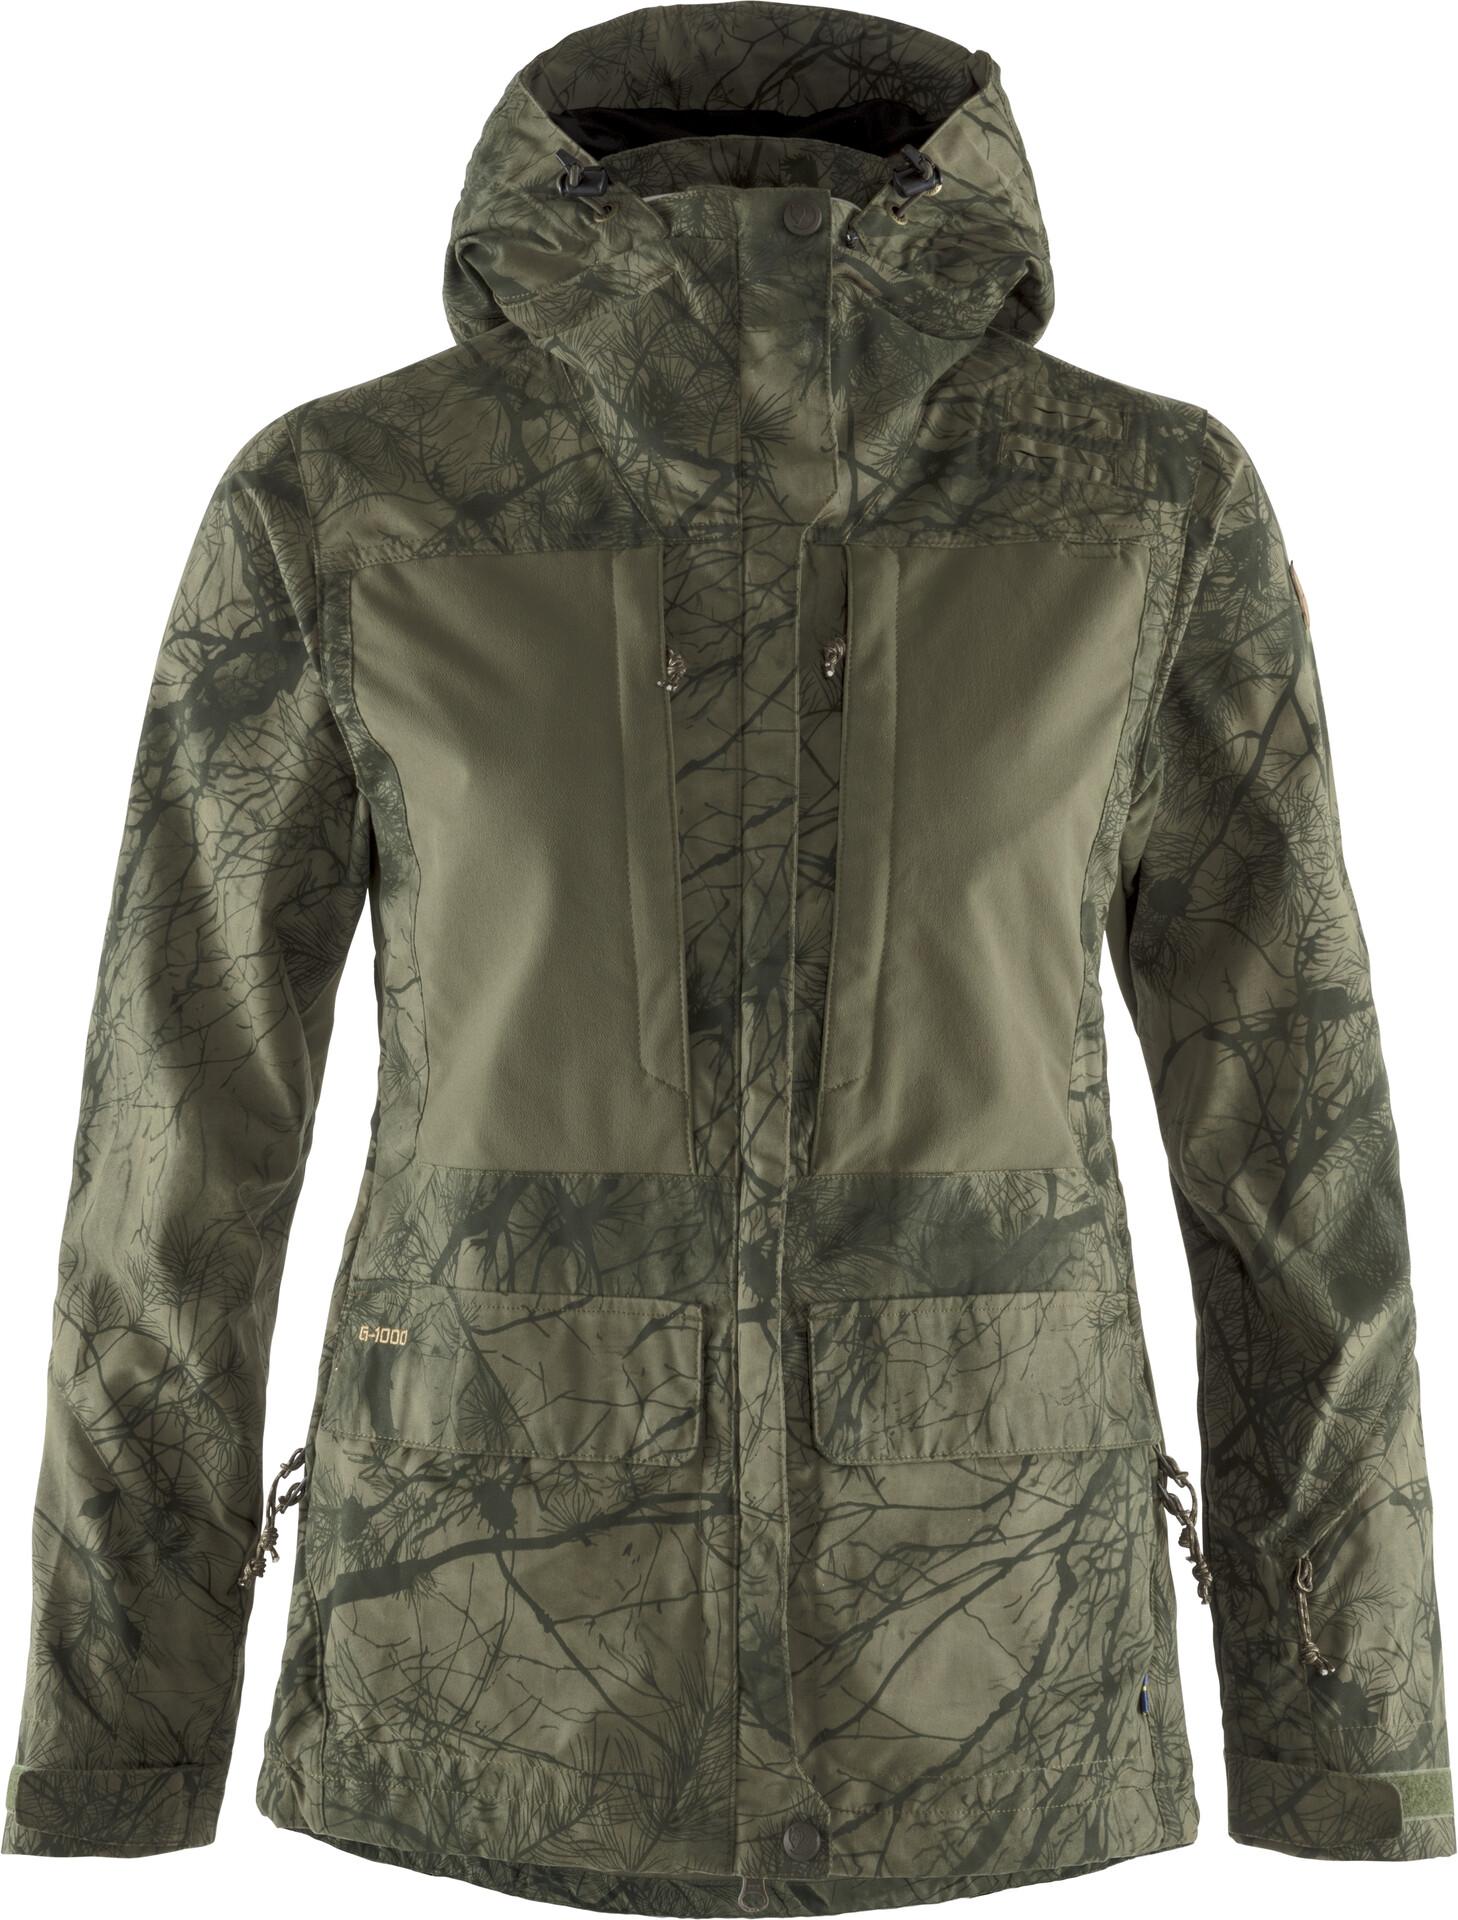 Laurel Bekleidung: 583 Produkte im Angebot | Stylight